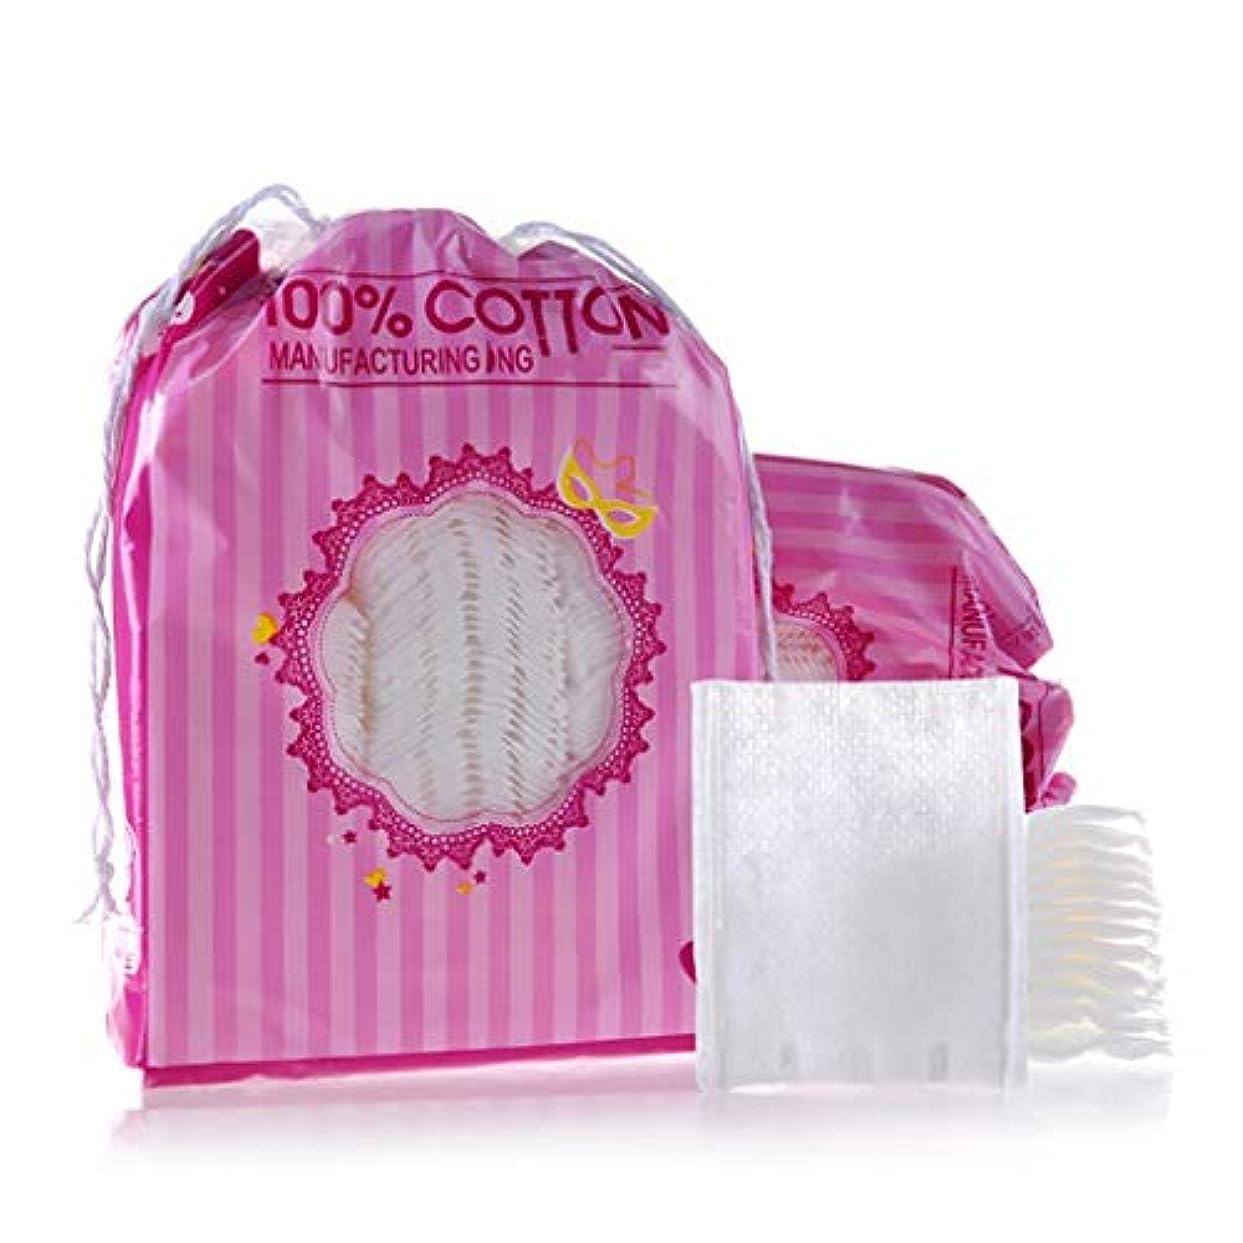 出身地正規化狂乱クレンジングシート 200ピースコットンメイクアップリムーバーパッドソフトオーガニックネイルポリッシュワイプ両面フェイスクレンジング美容化粧品パッド (Color : White)